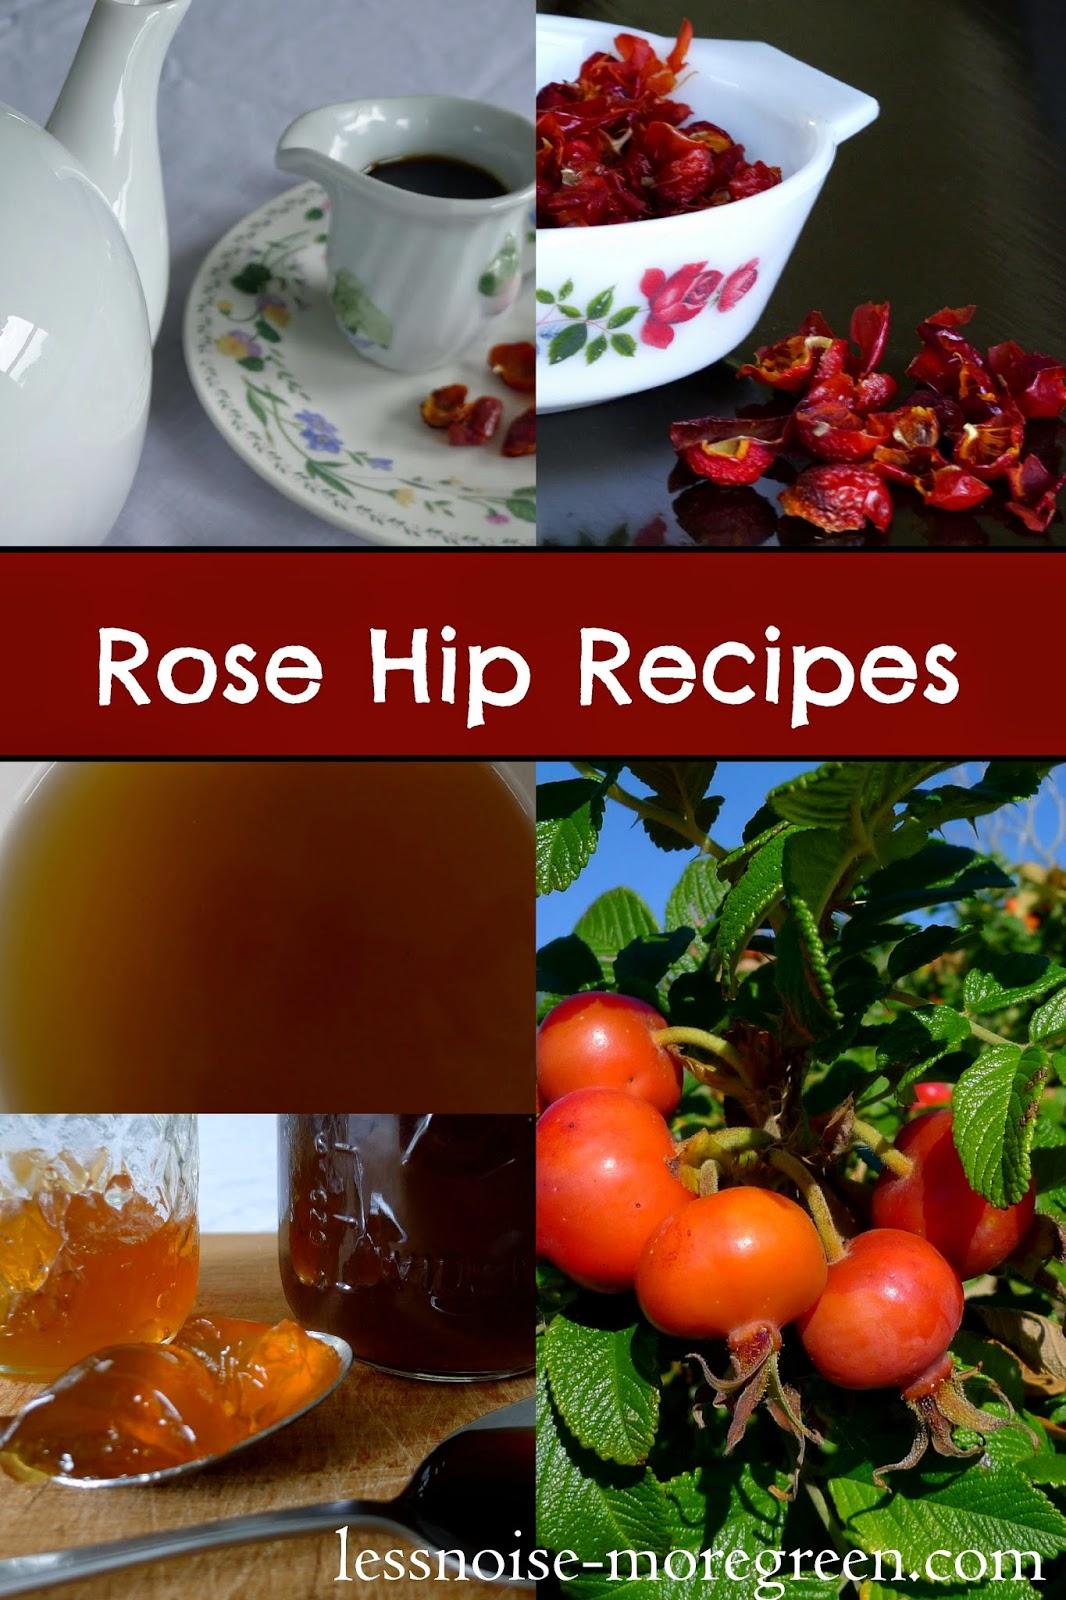 Rose Hip Recipes